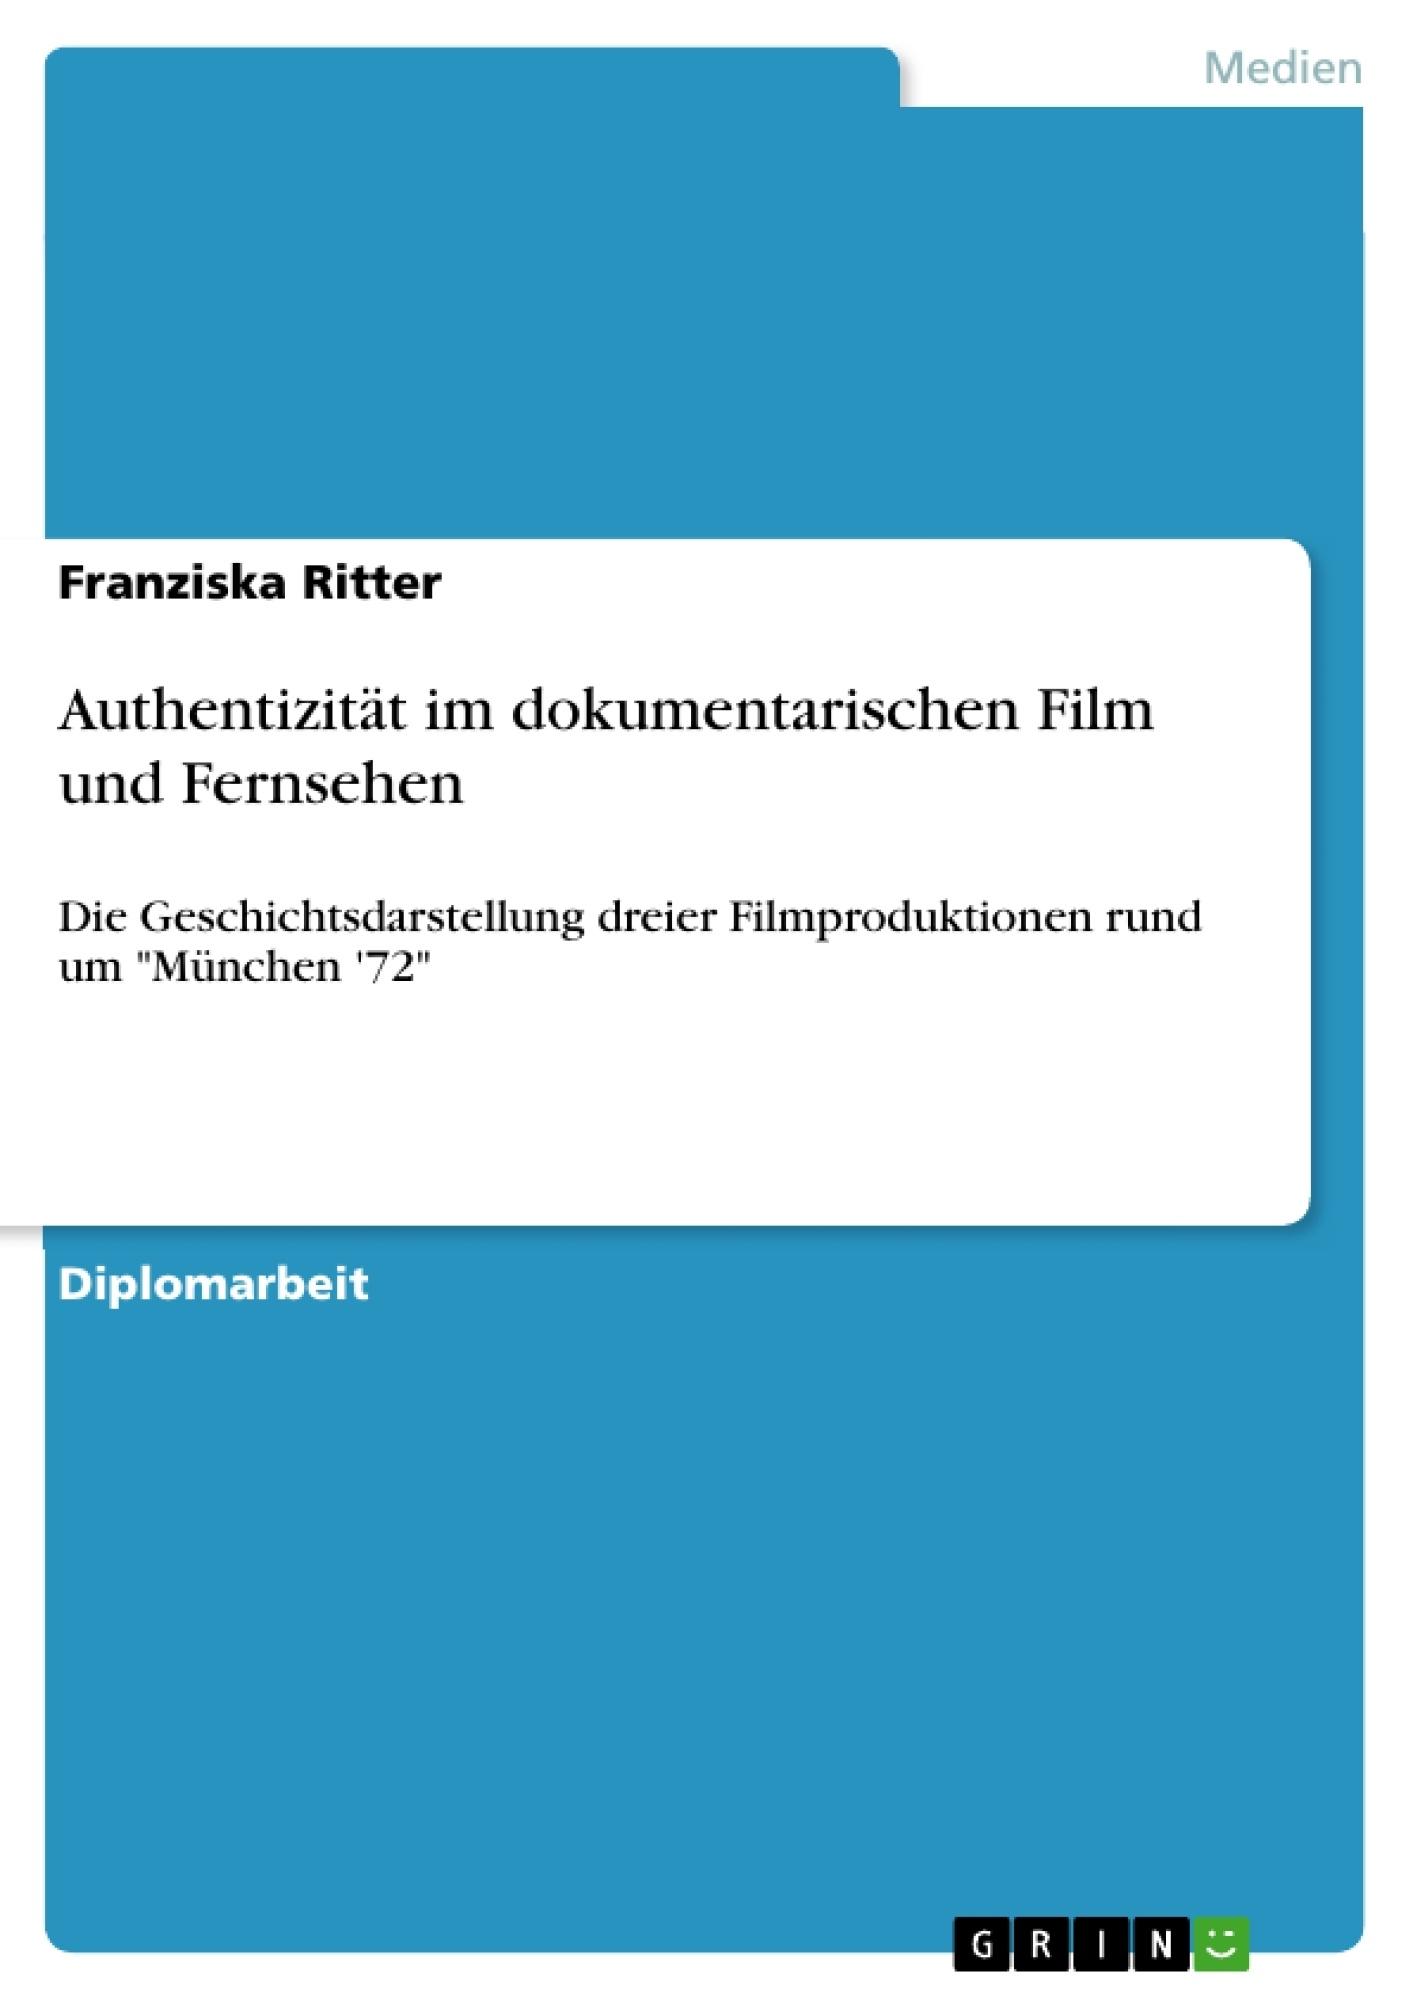 Titel: Authentizität im dokumentarischen Film und Fernsehen